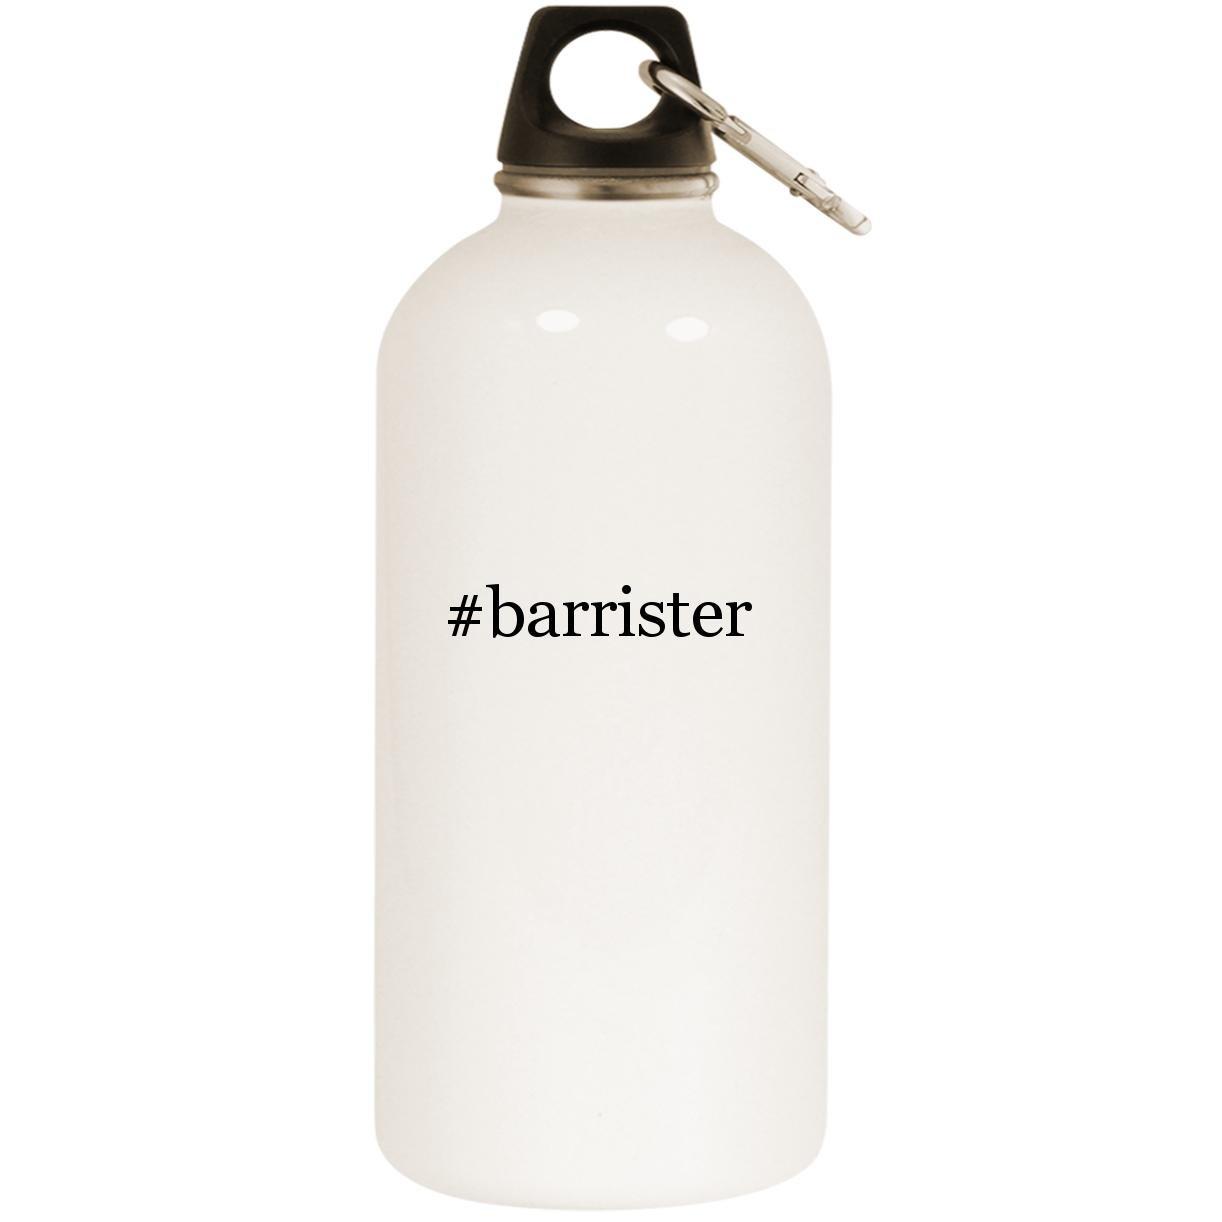 # Barrister – ホワイトハッシュタグ20ozステンレススチールウォーターボトルカラビナ B0741RCCLP